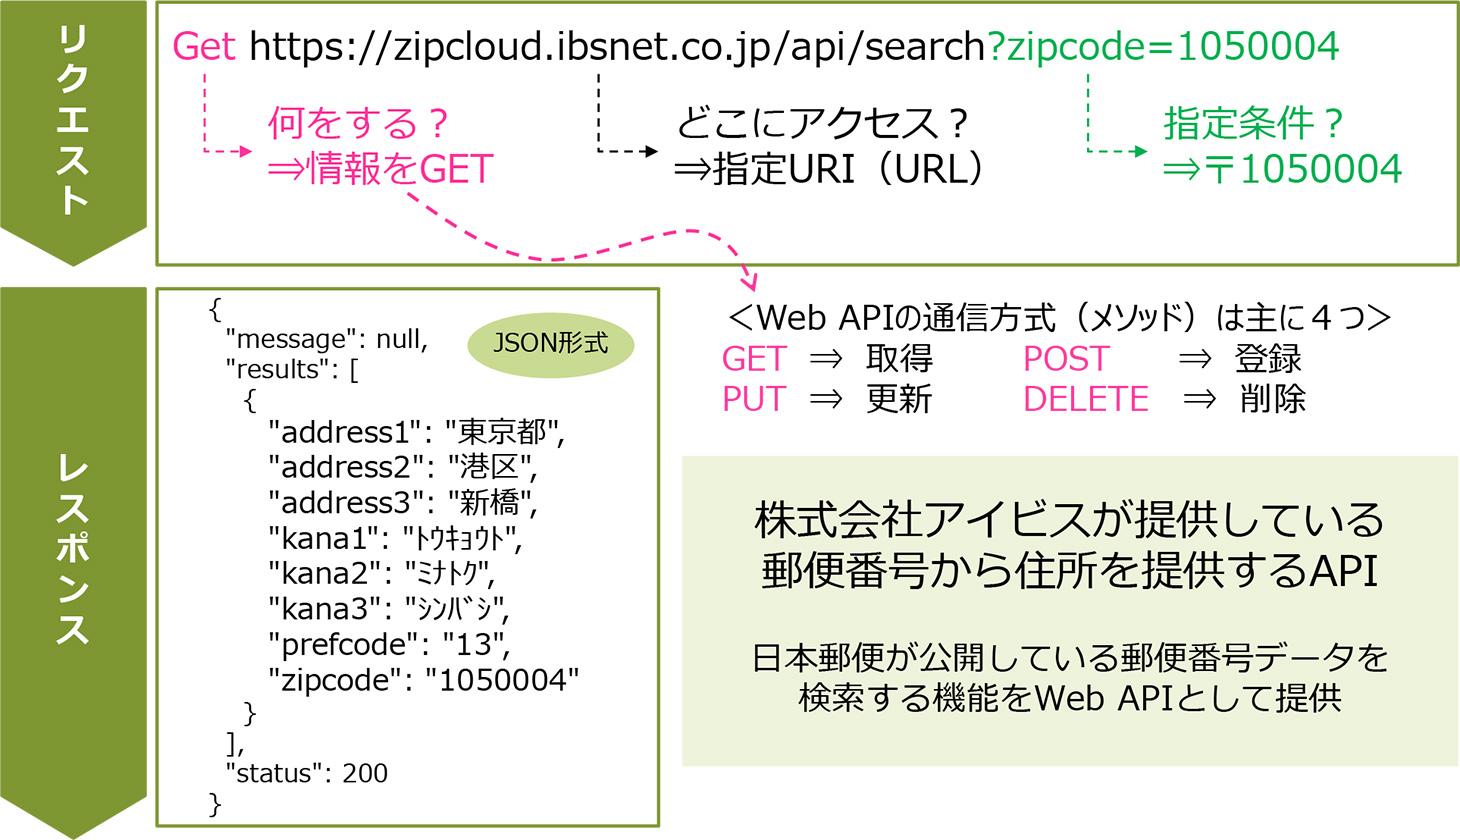 図表3.APIの構成とサンプル